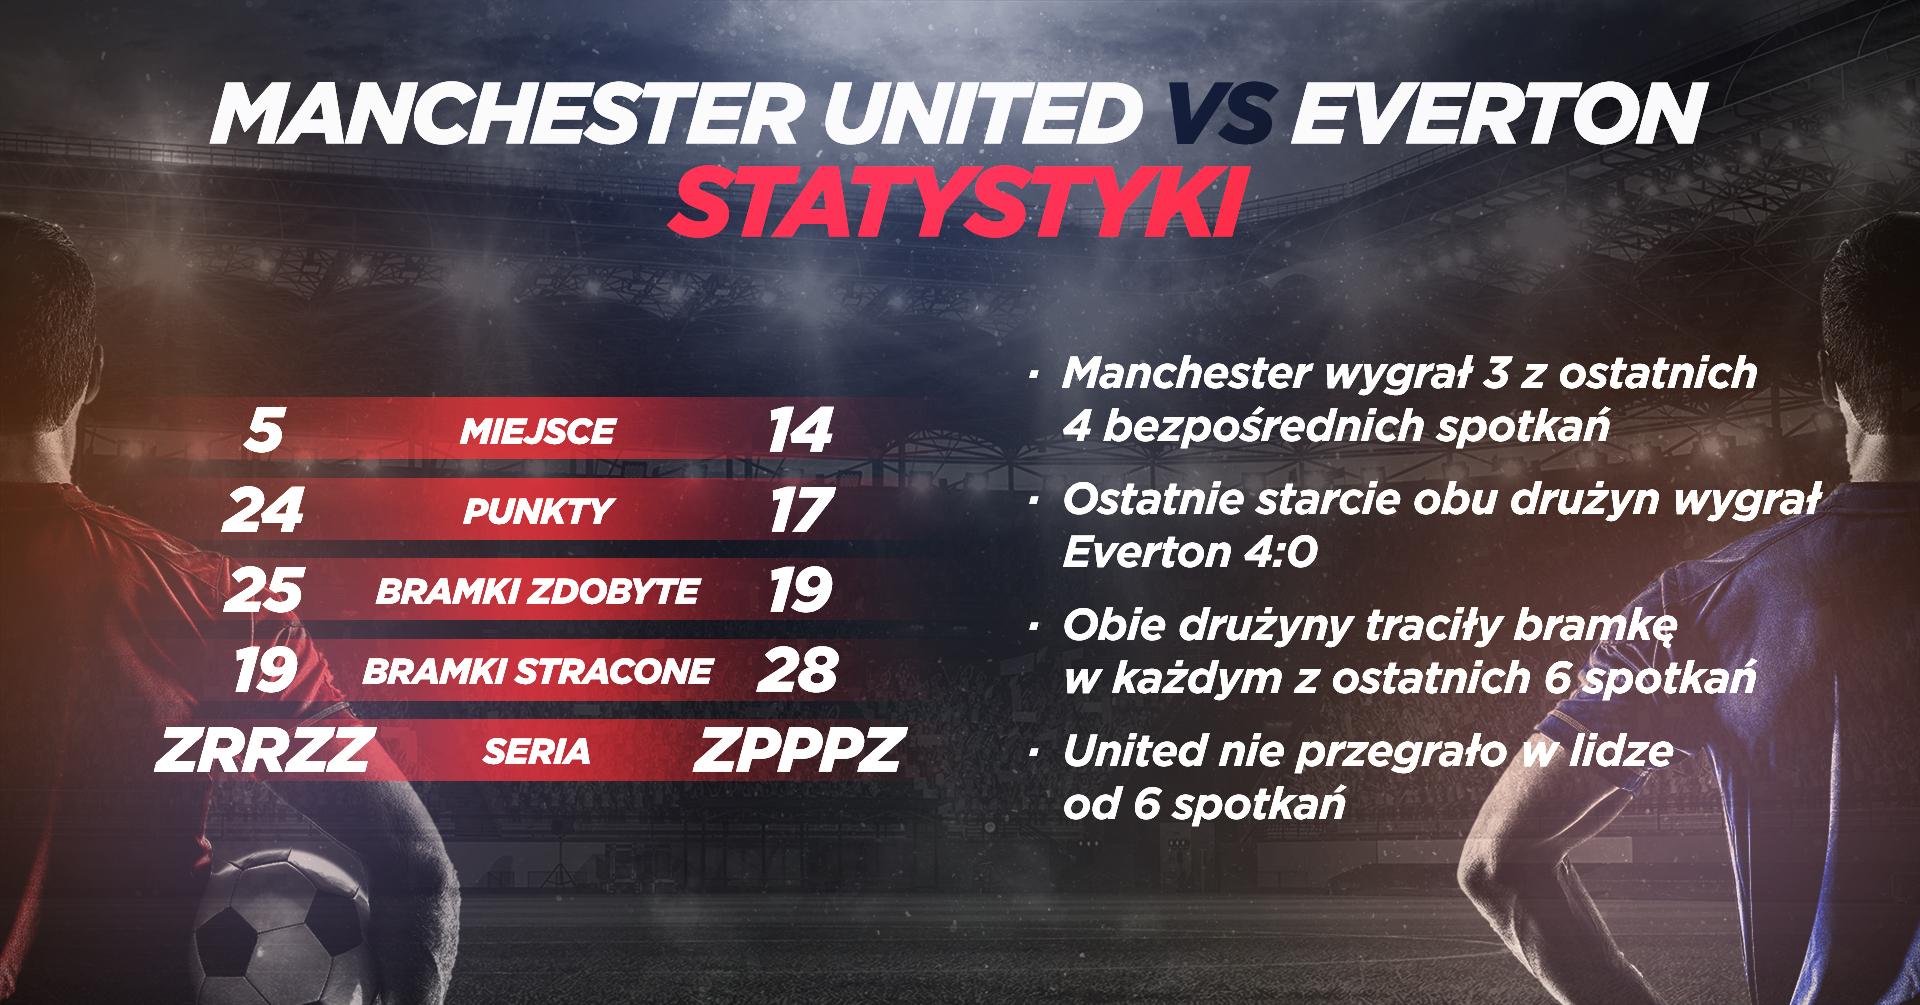 INFORGRAFIKA Manchester United vs Everton - statystyki